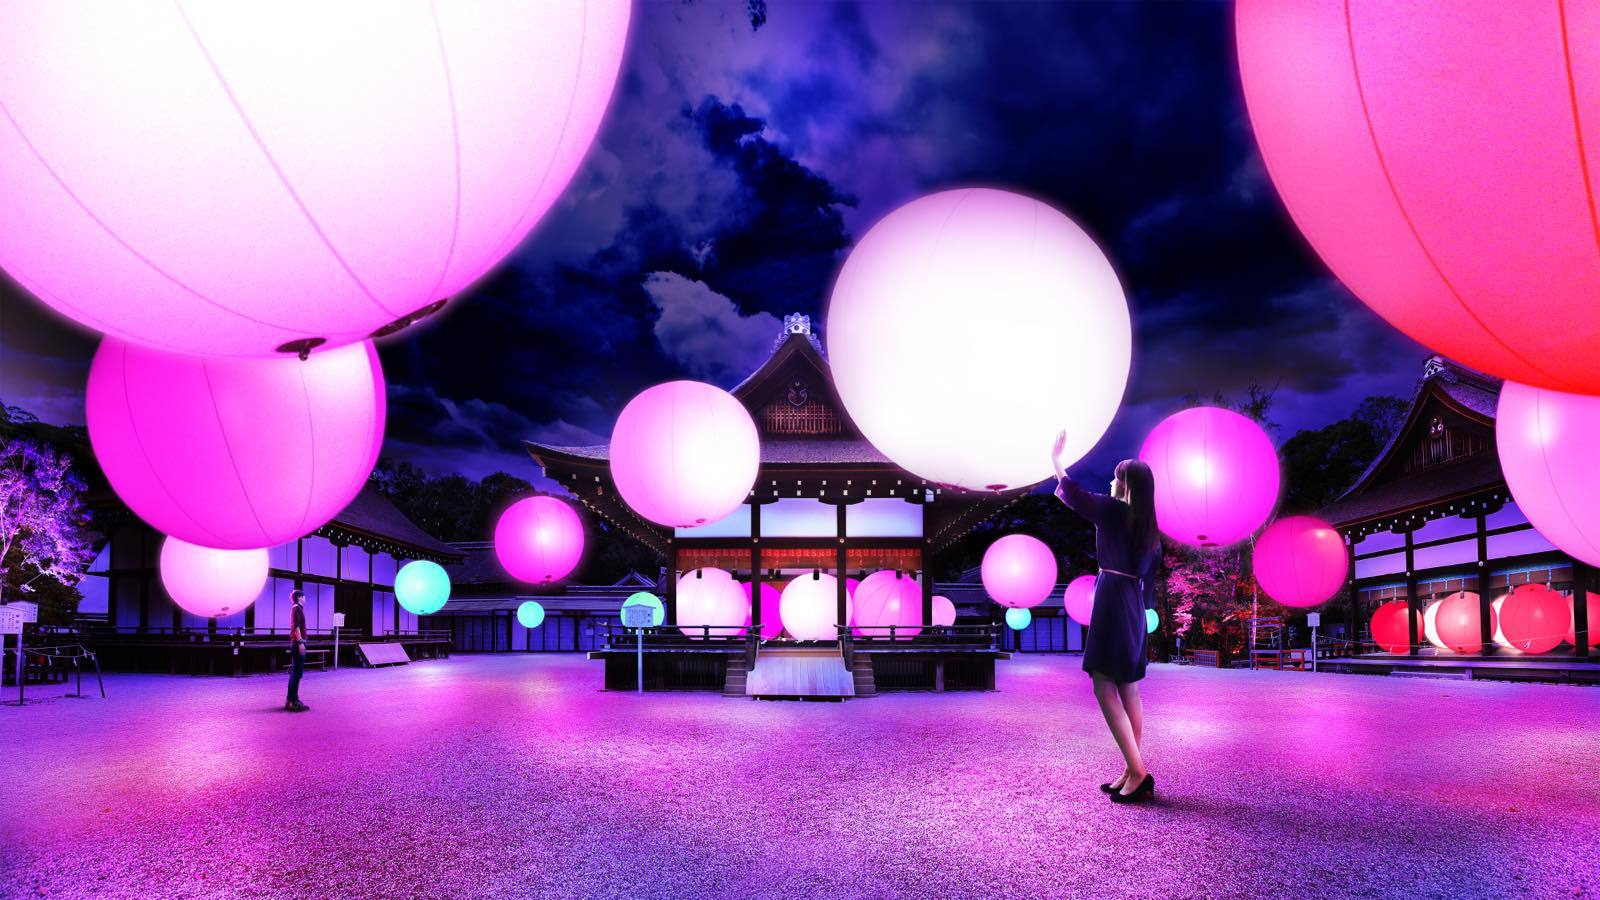 呼応する球体 - 下鴨神社 糺の森/ Resonating Spheres – Forest of Tadasu at Shimogamo Shrine teamLab, 2016, Interactive Installation, Endless, Sound: Hideaki Takahashi